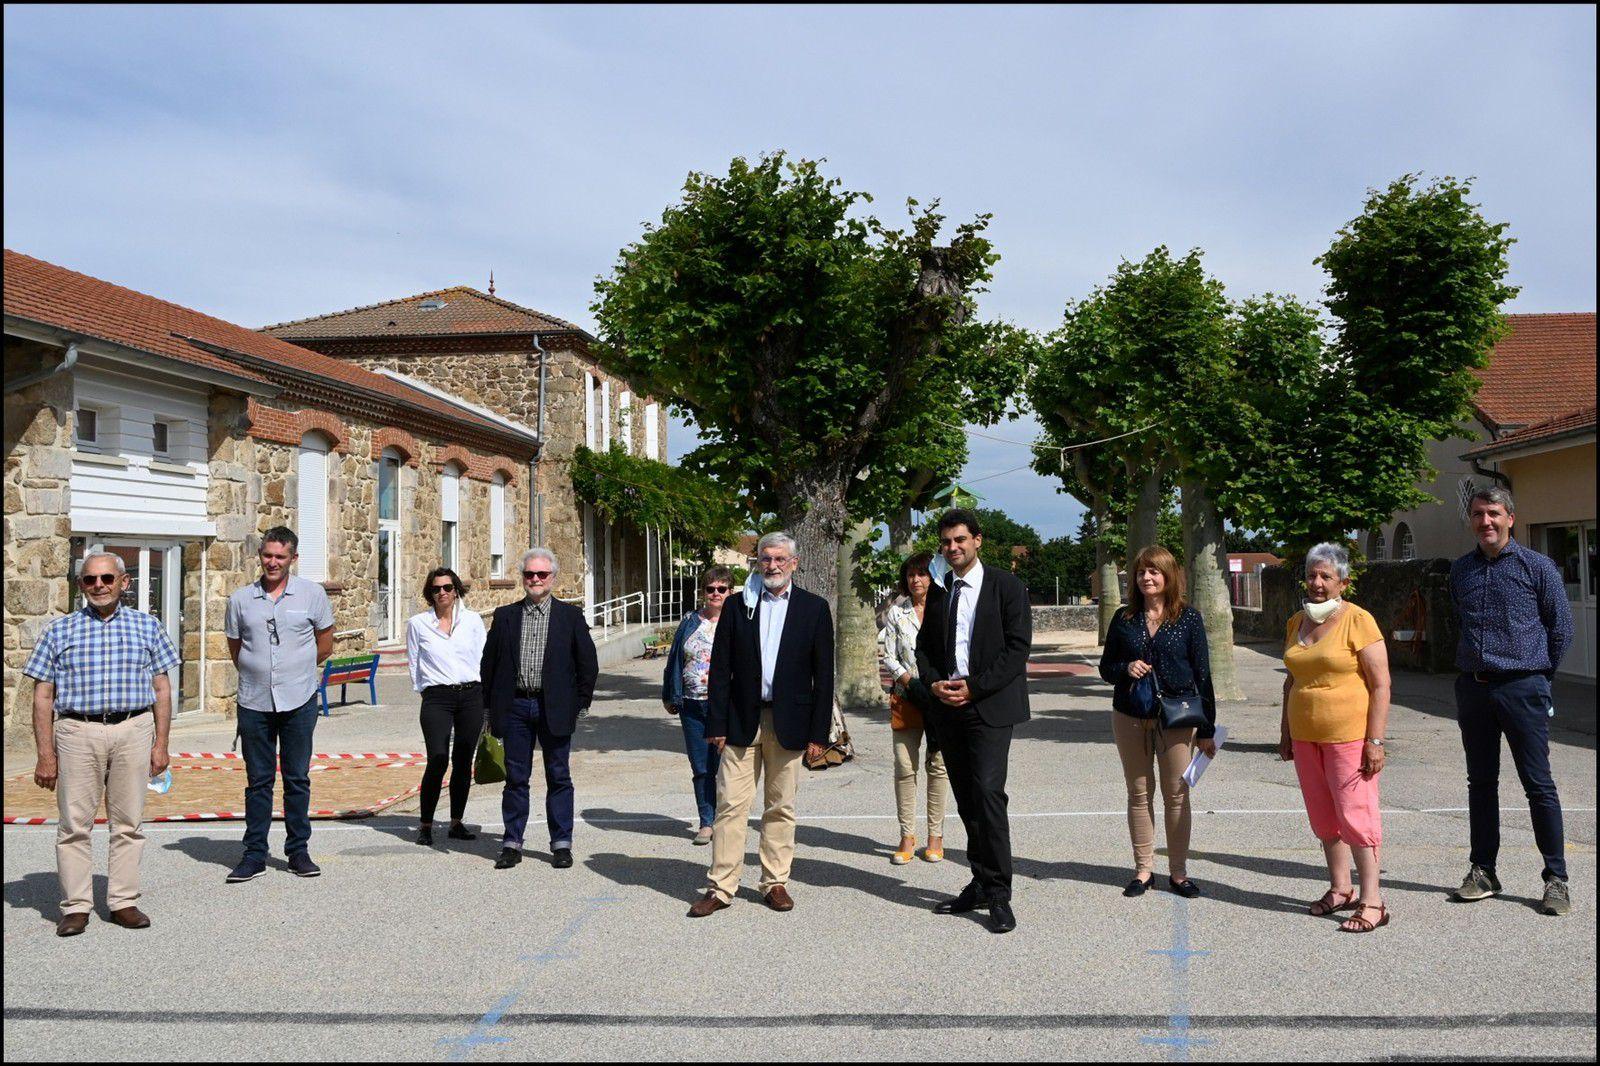 Vernosc-lès-Annonay innove en matière d'éducation durant la crise sanitaire